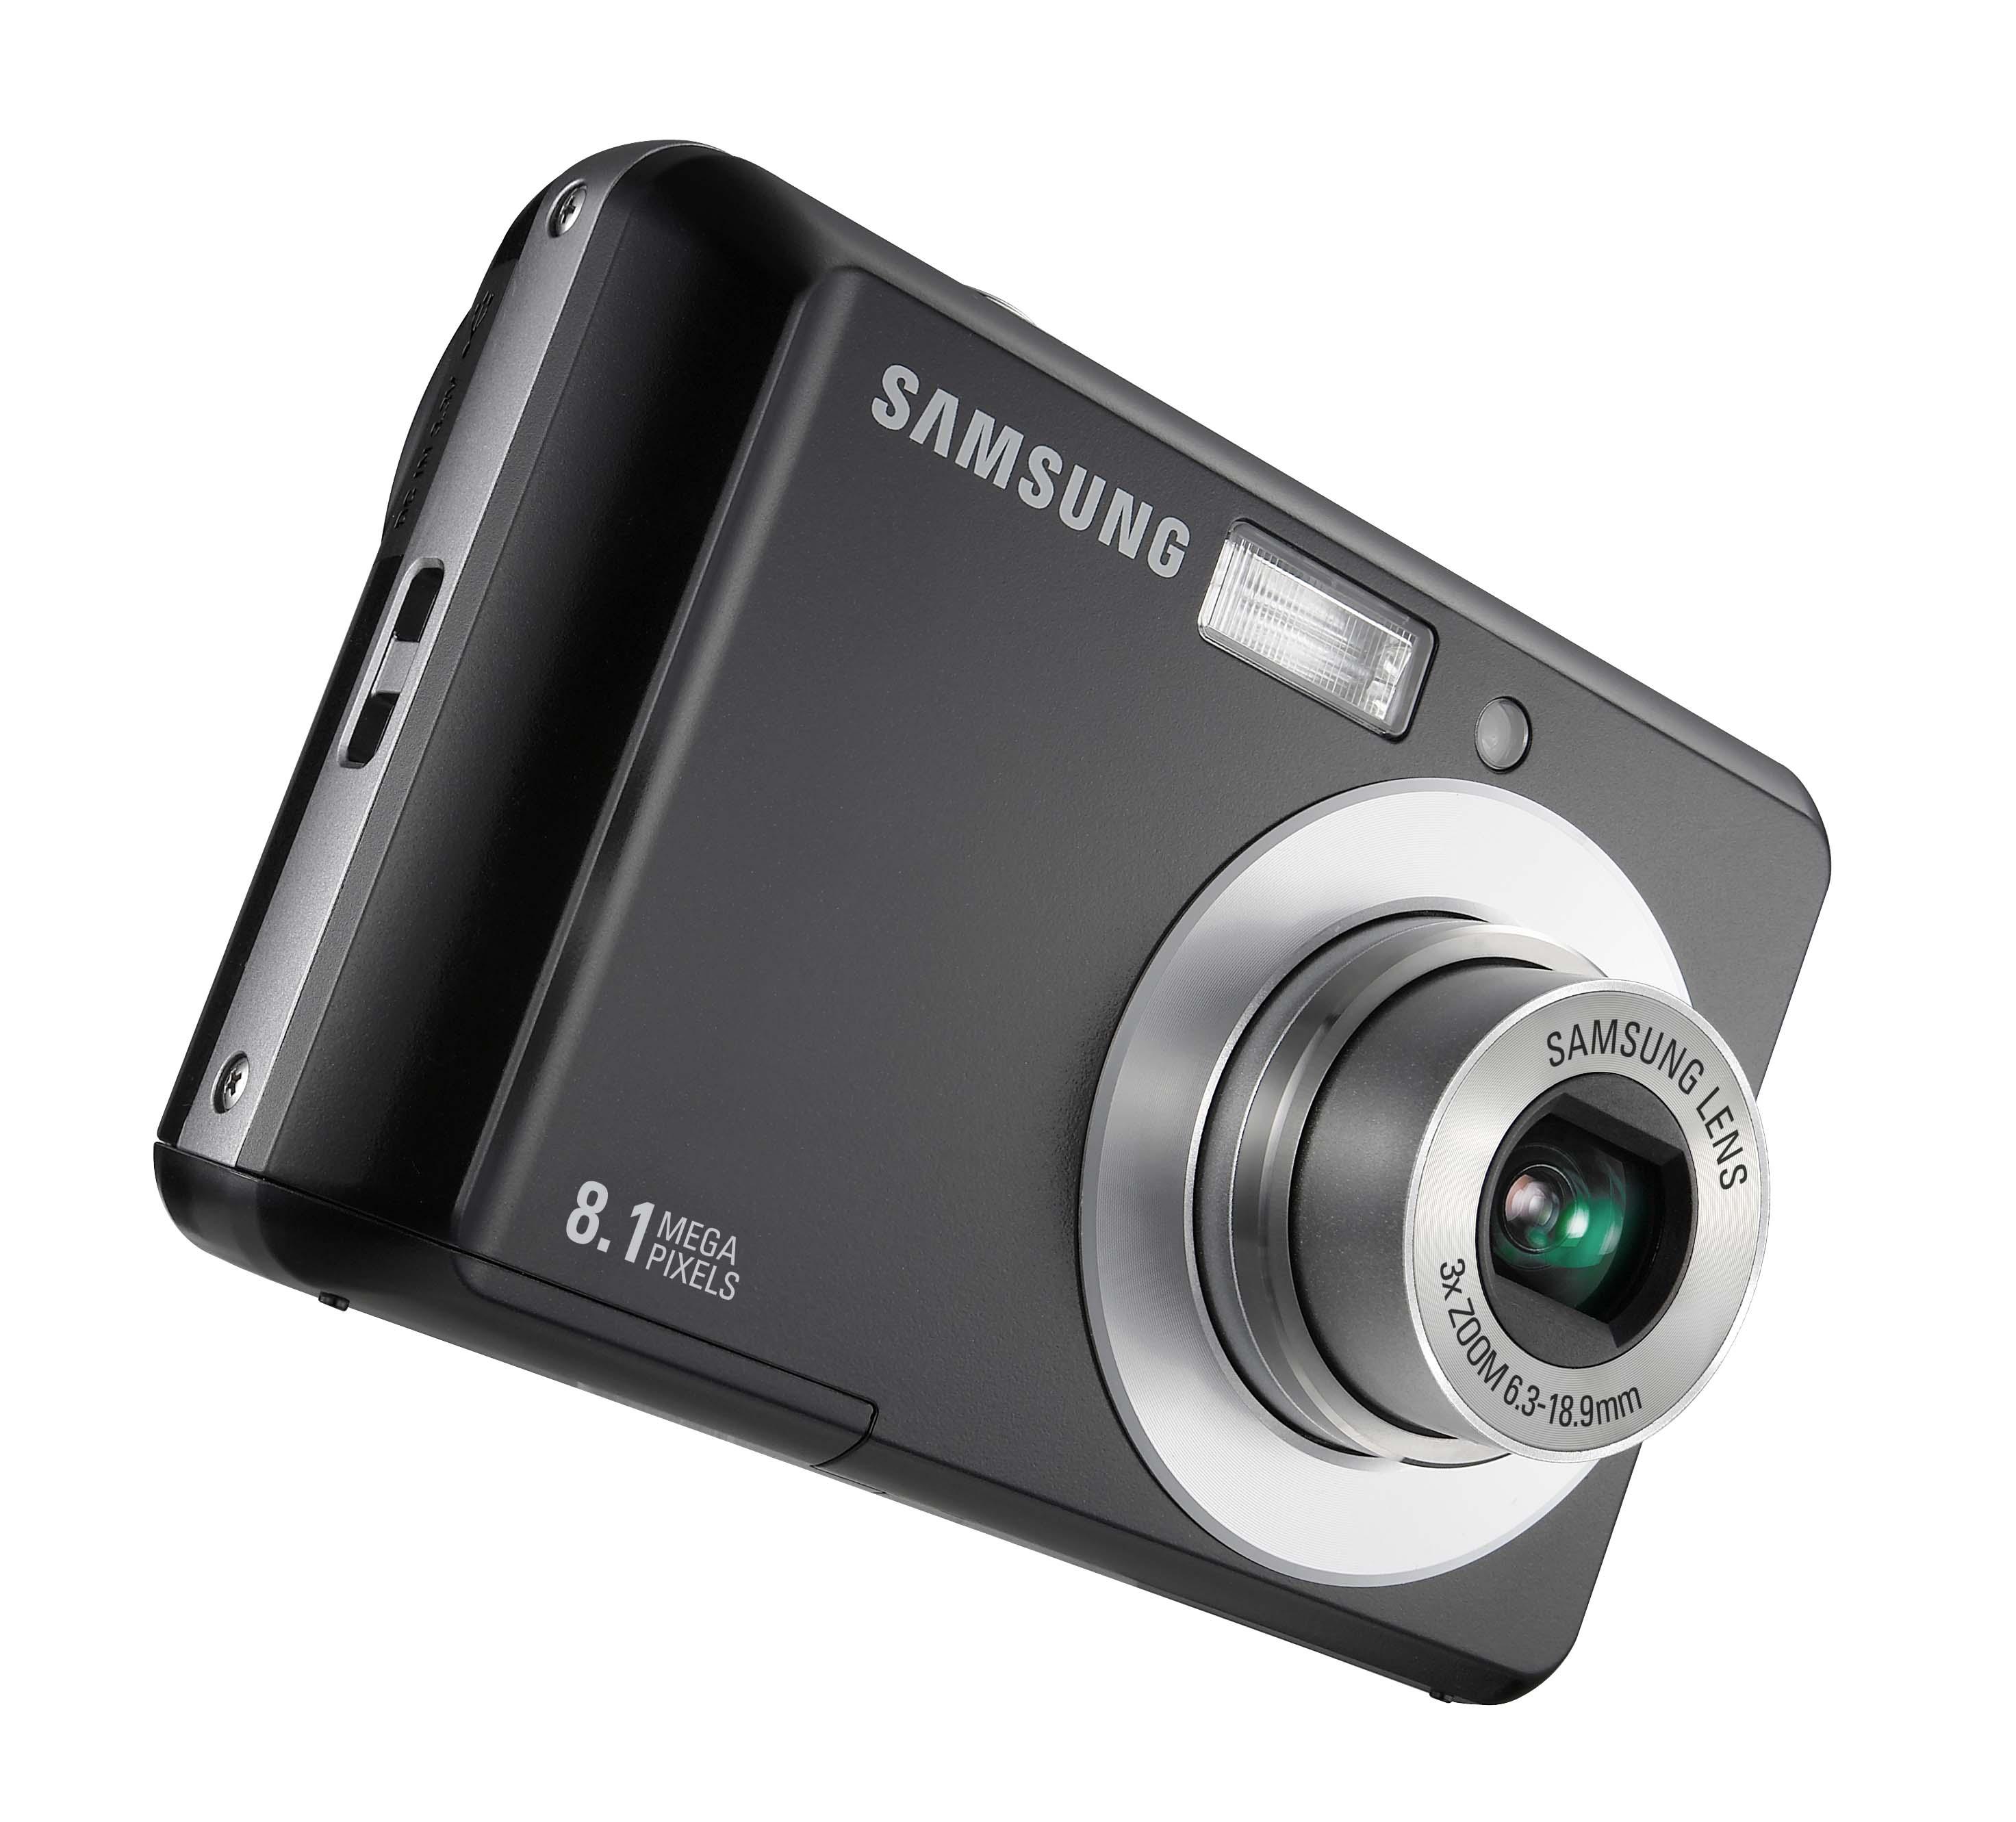 Скачать драйвера для фотоаппарата samsung es65